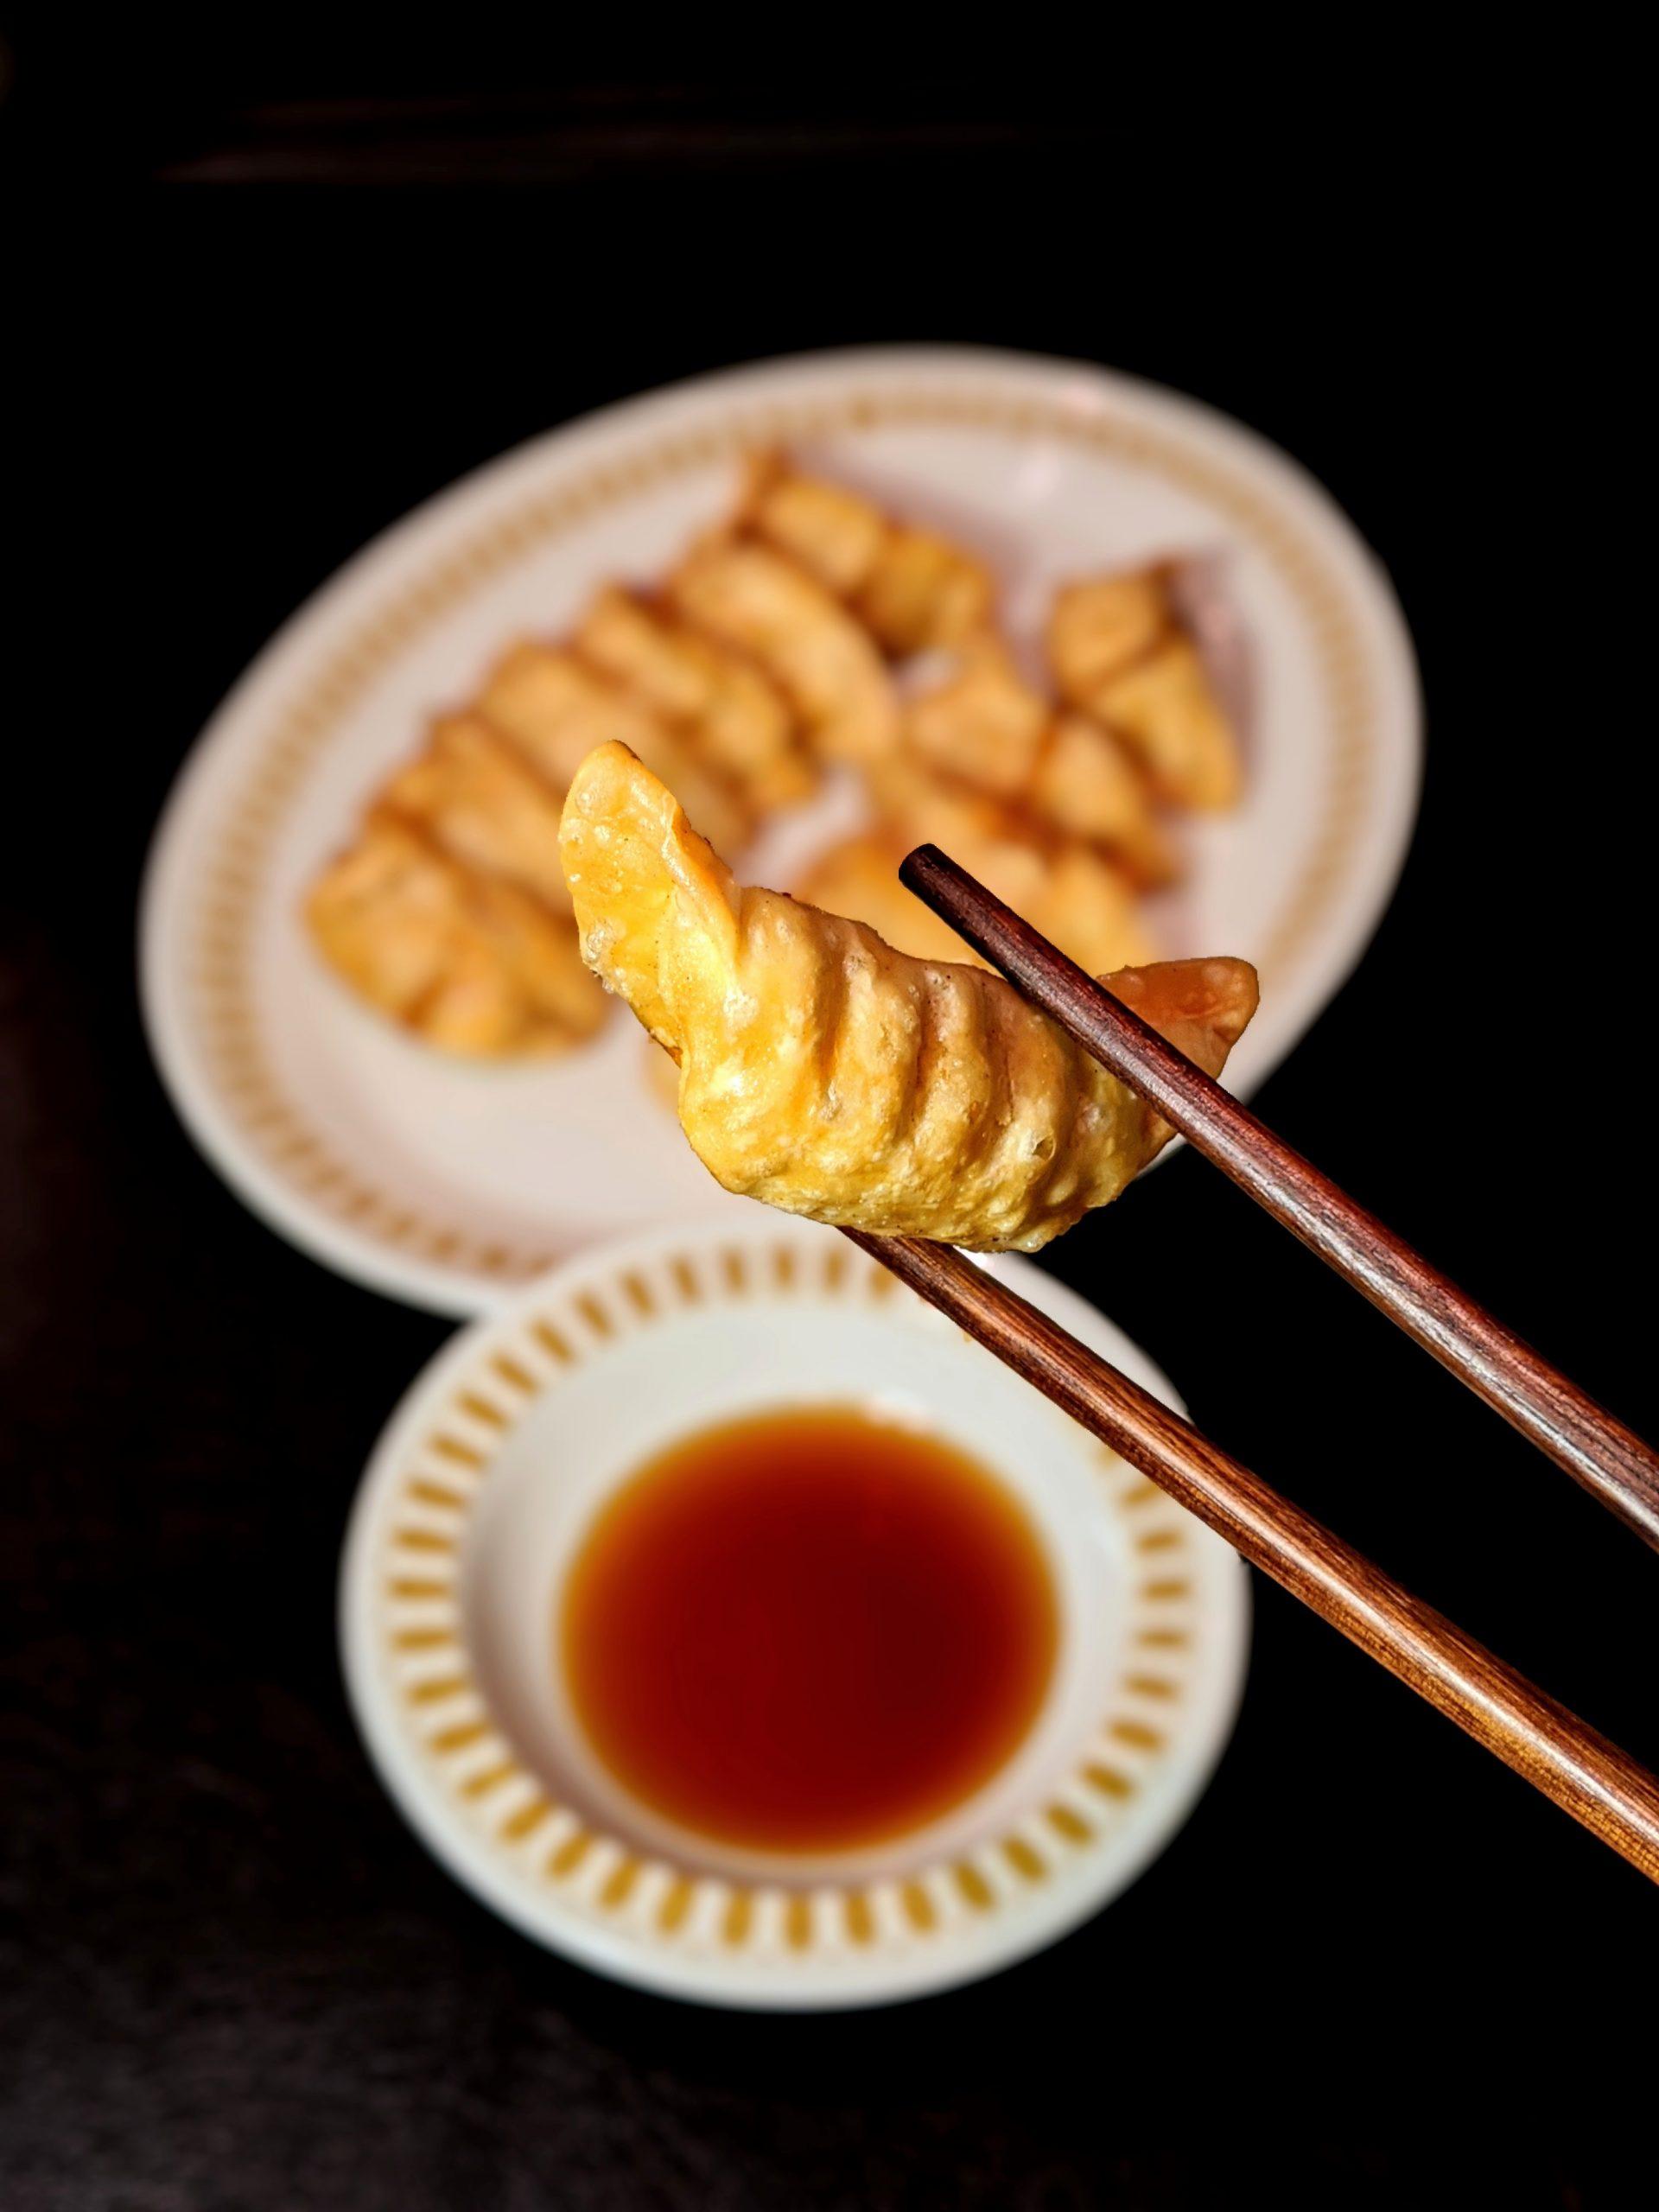 cunard restaurant - deep fried dumplings